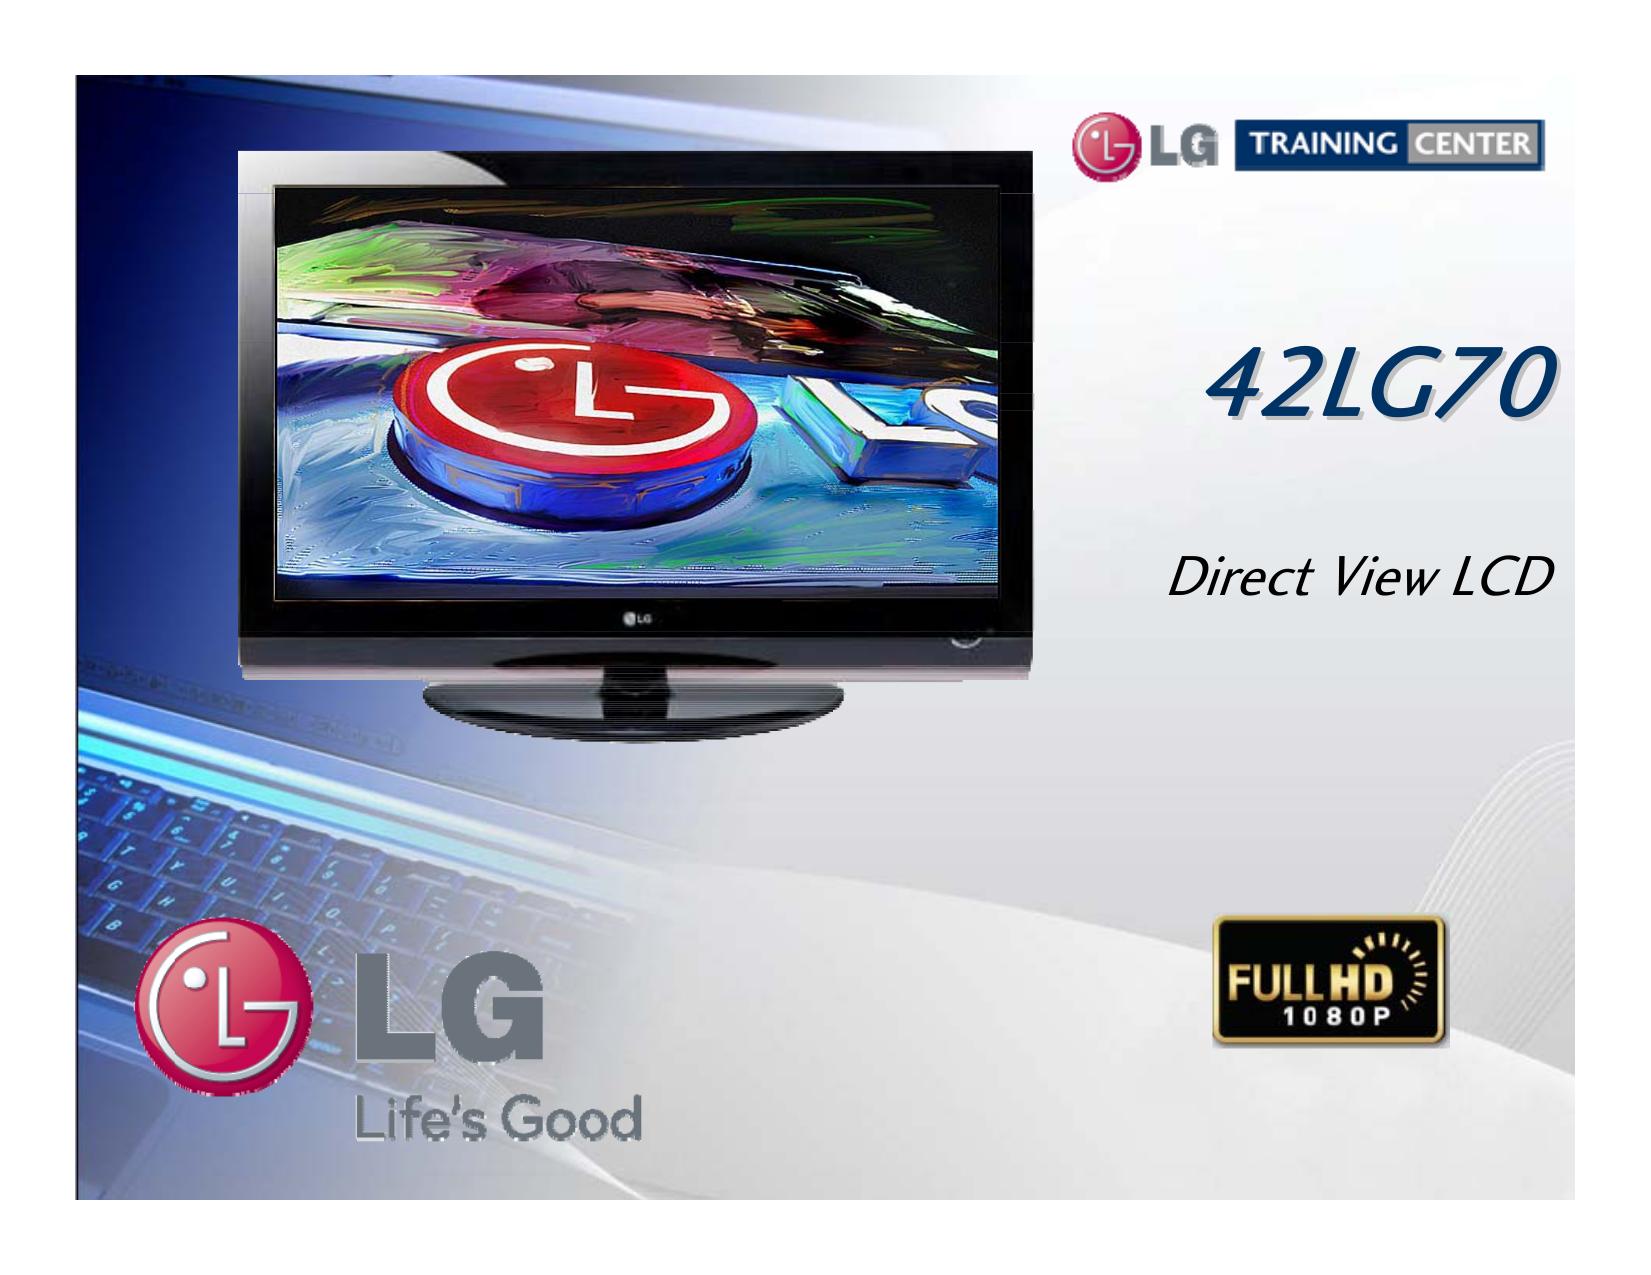 pdf for LG TV 42LG70 manual